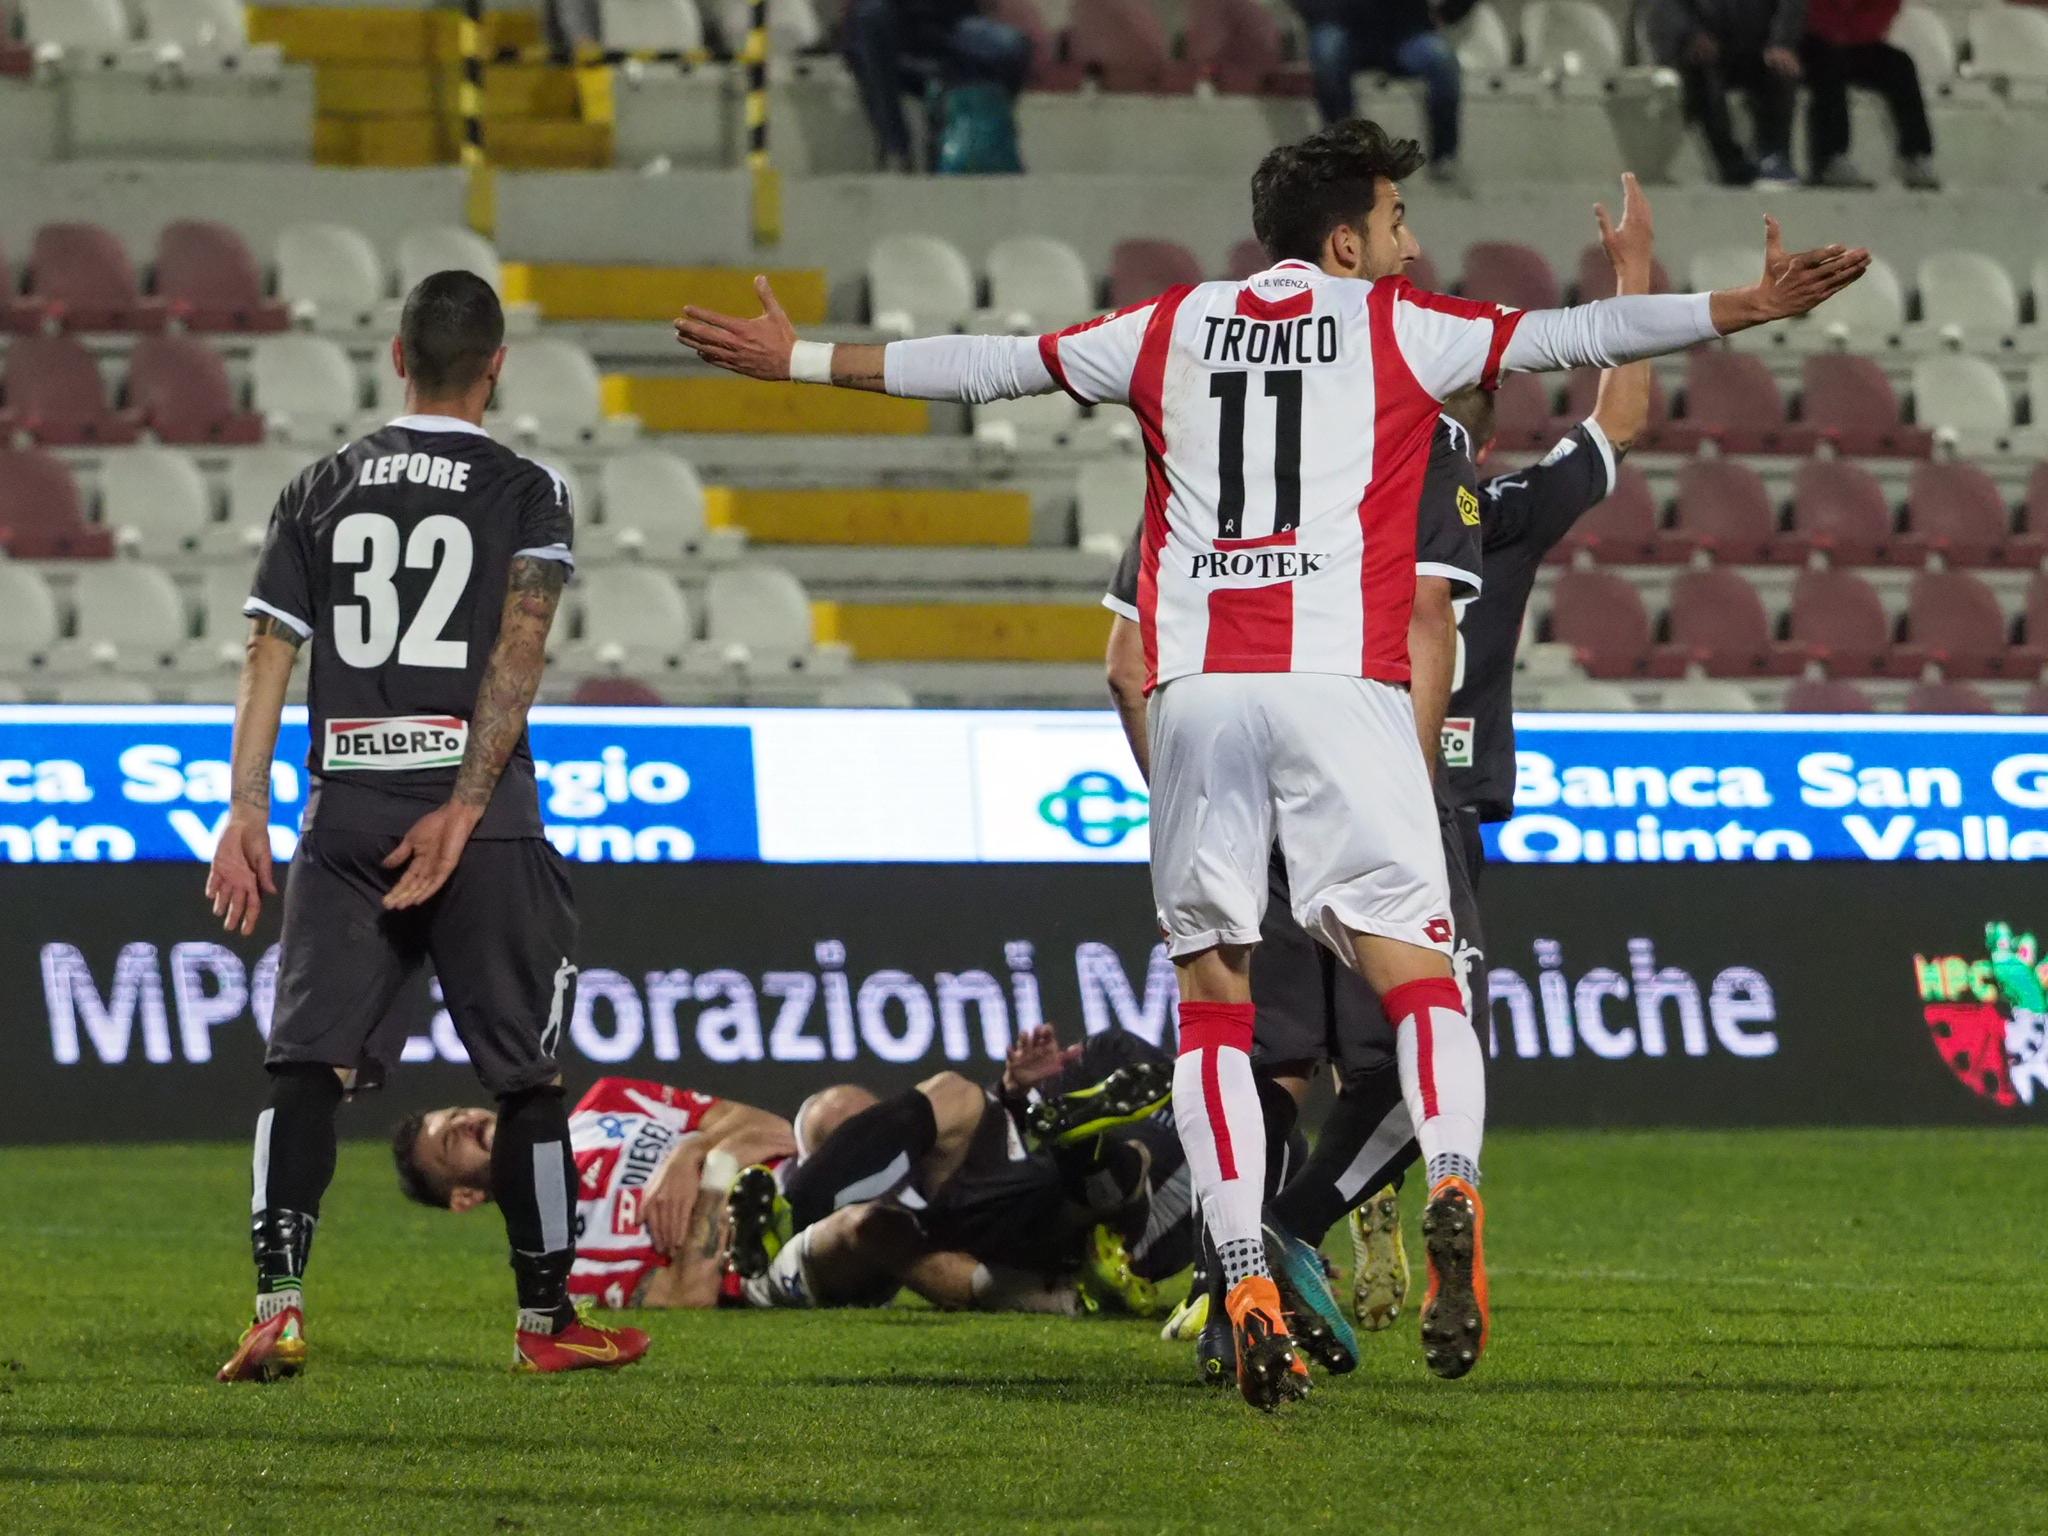 COPPA ITALIA - LR Vicenza - Monza 0-1